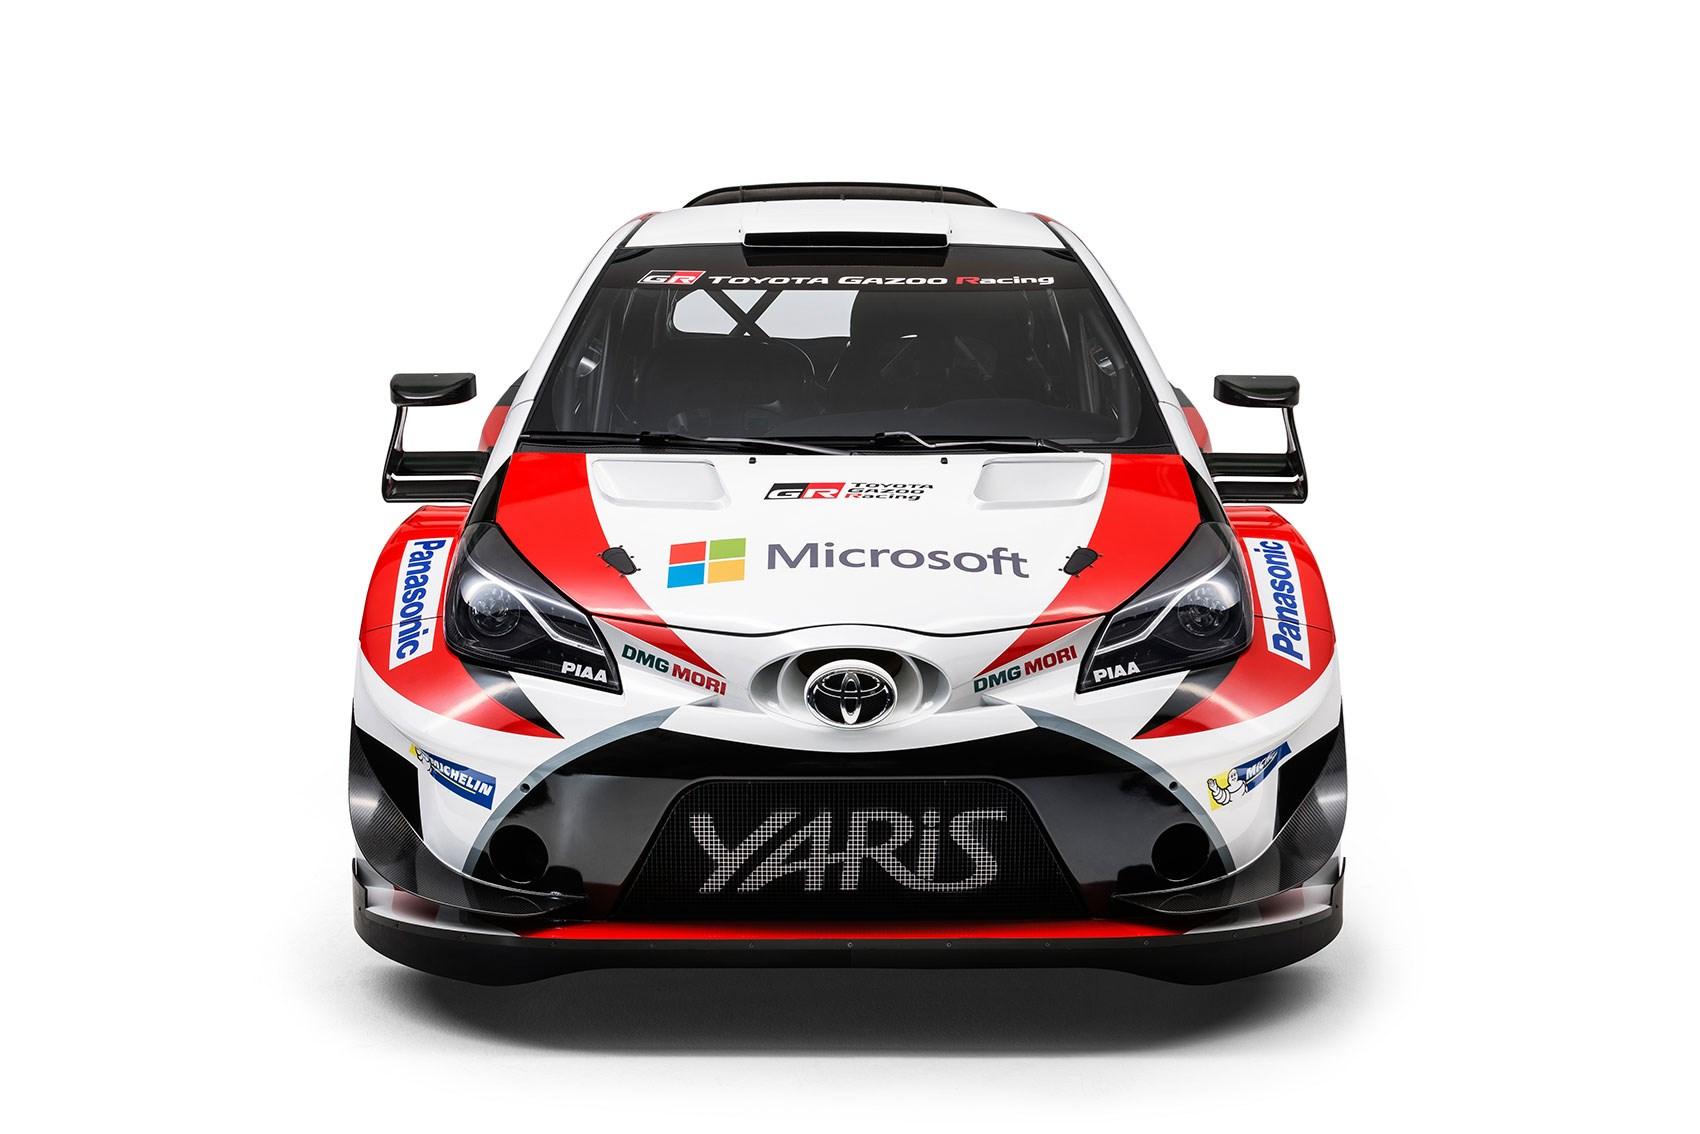 The New 2017 Toyota Yaris Wrc Car